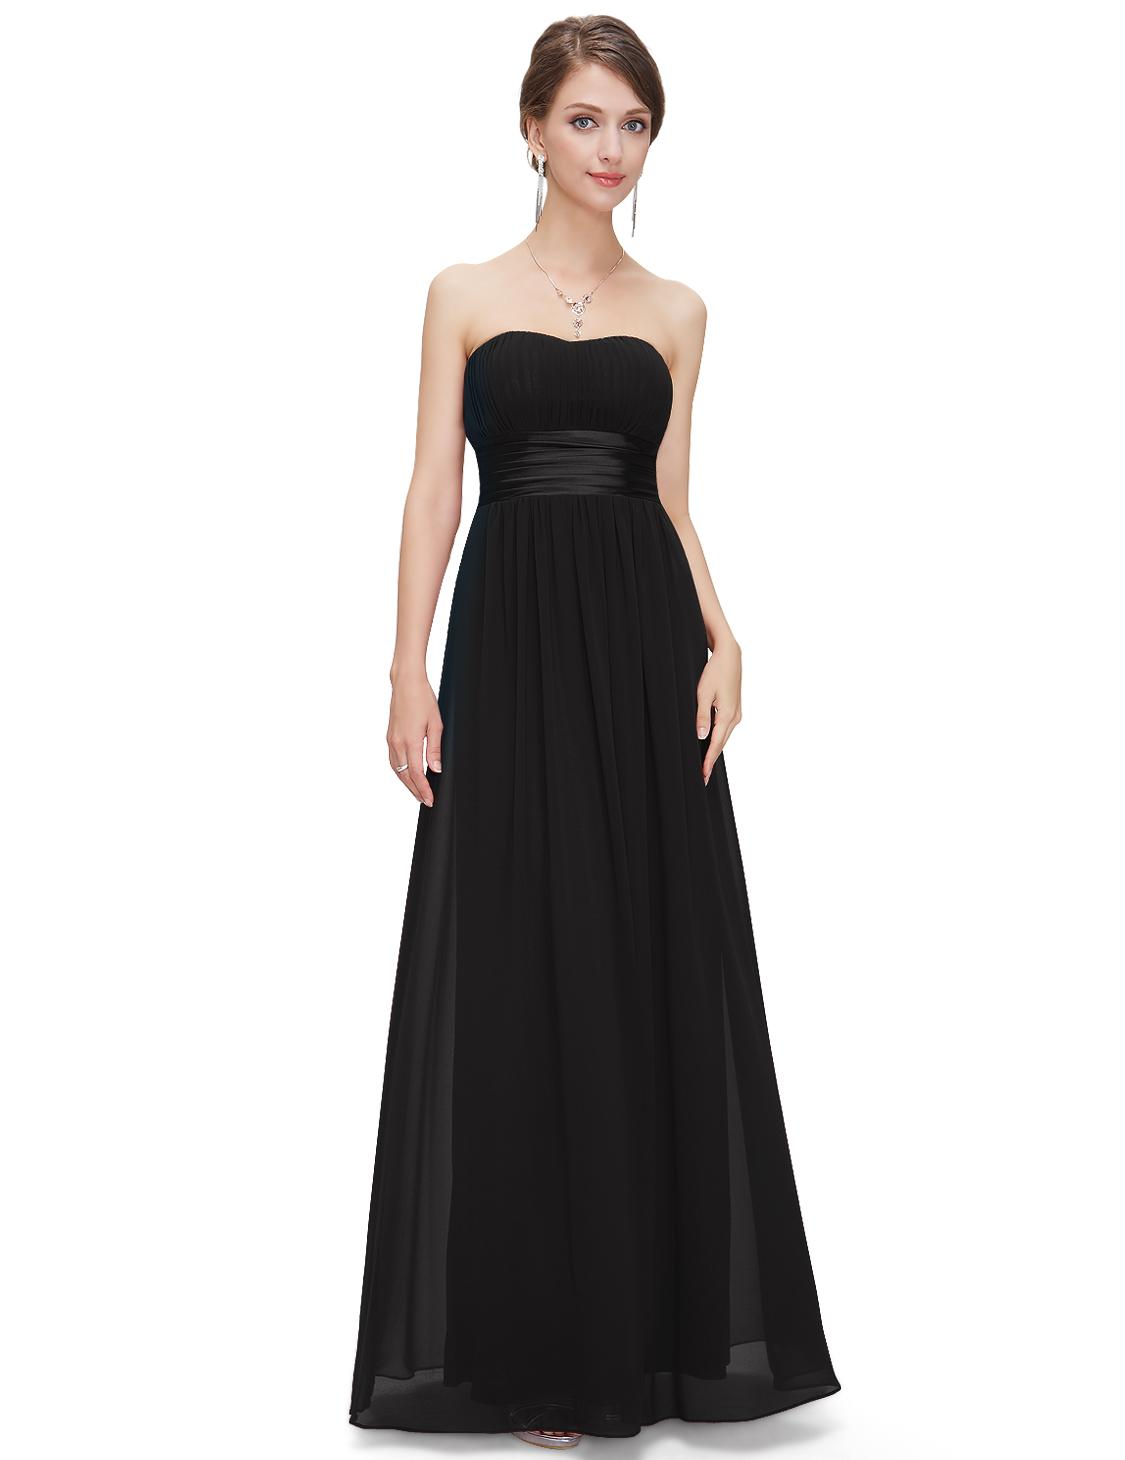 Společenské šaty dlouhé, černé